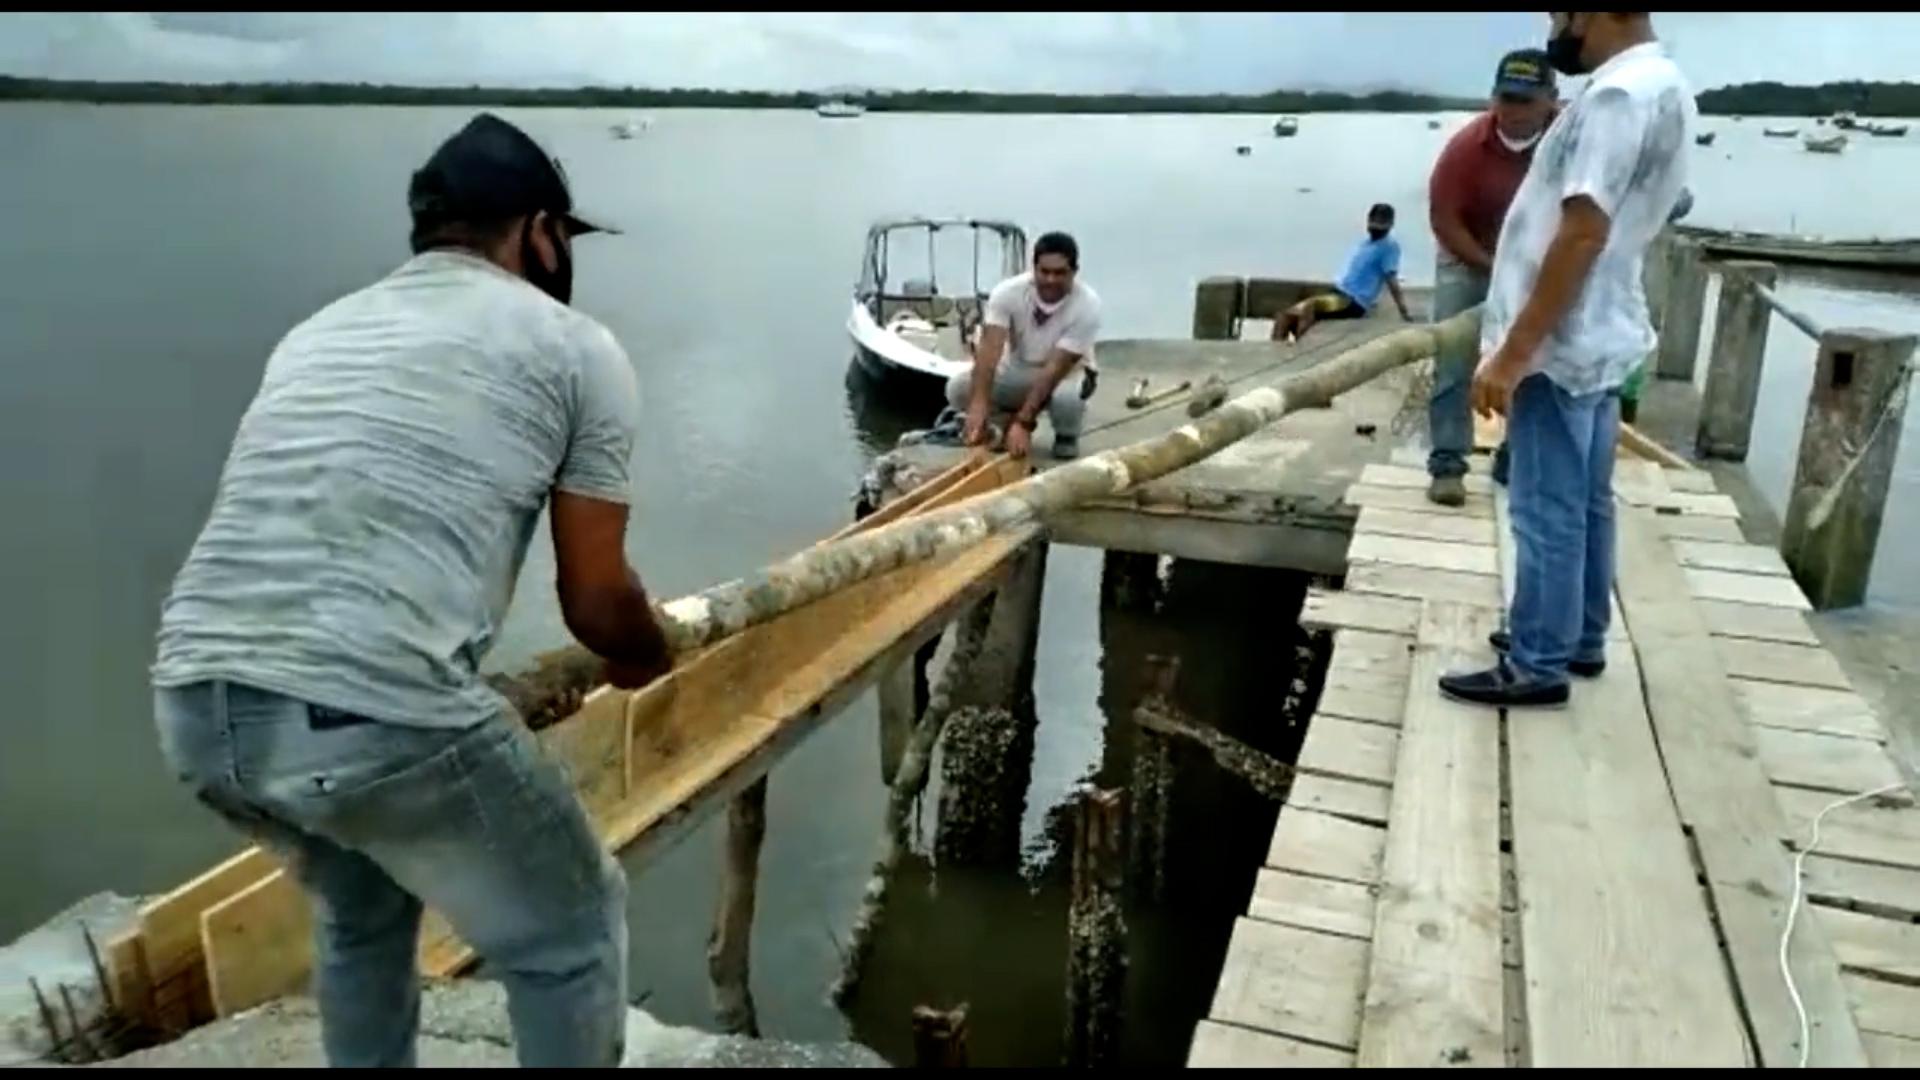 Secretaria de Obras de Guaraqueçaba faz reforma em trapiche que ficou danificado após acidente com barco da Marinha, na Ilha das Peças